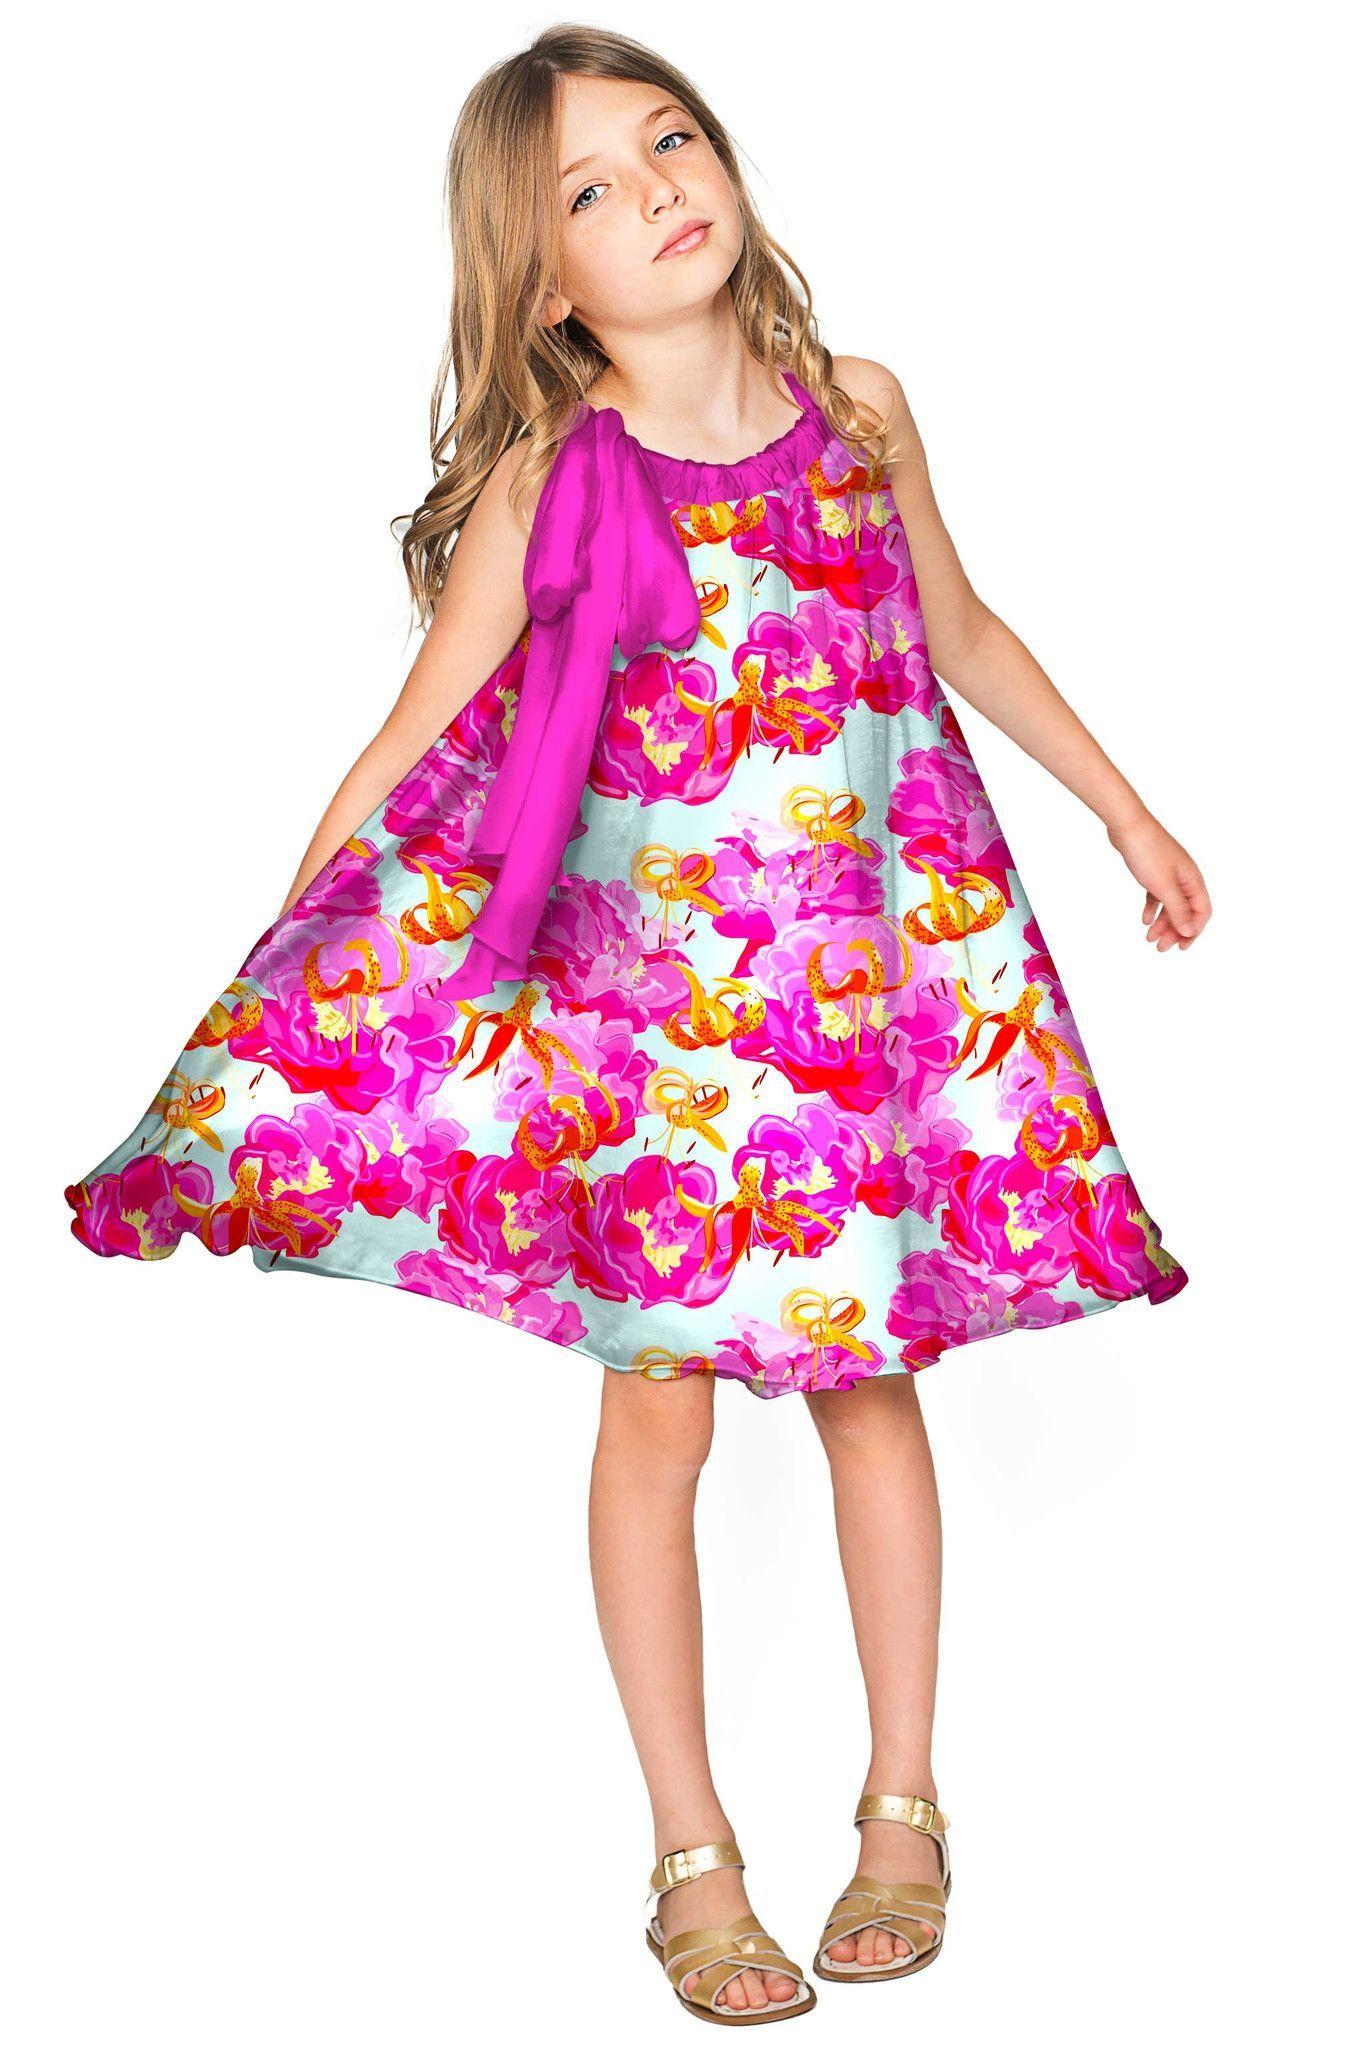 79a3f7275120 Sweet Illusion Melody Chiffon Dress - Girls